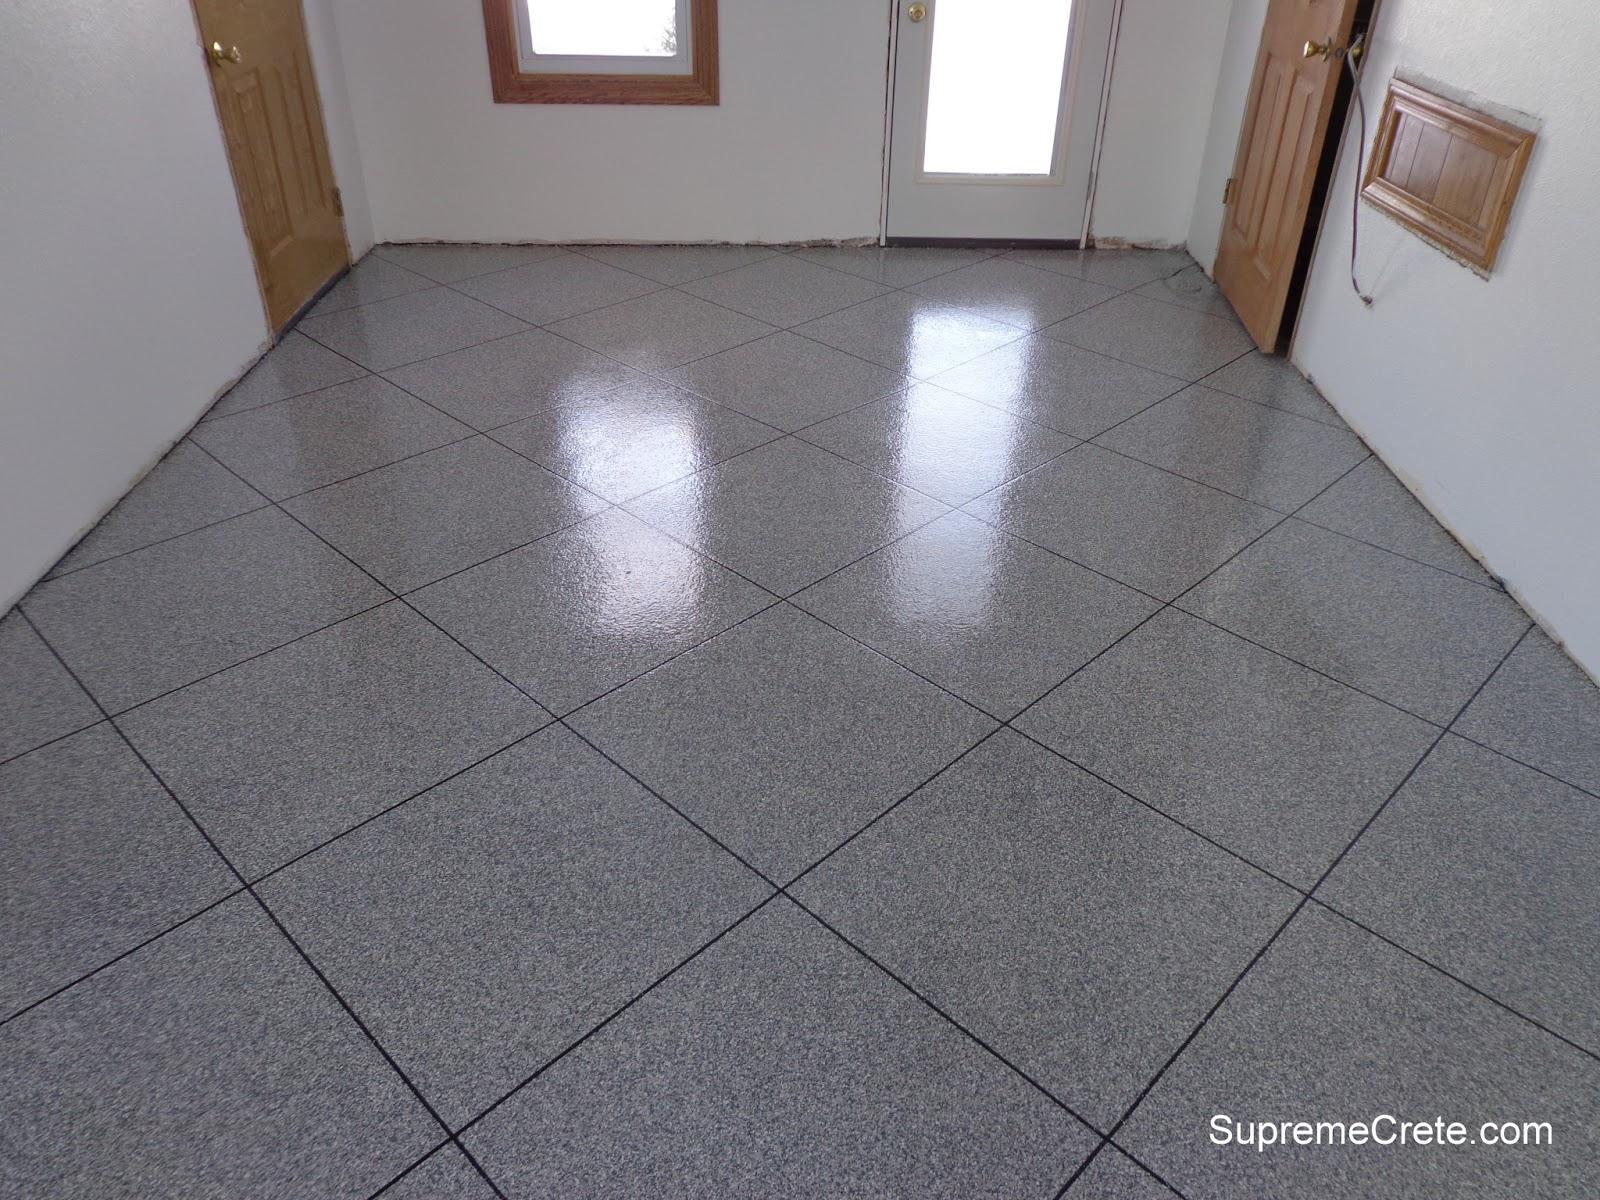 Decorative Concrete Contractors: Epoxy Granite Tile ...